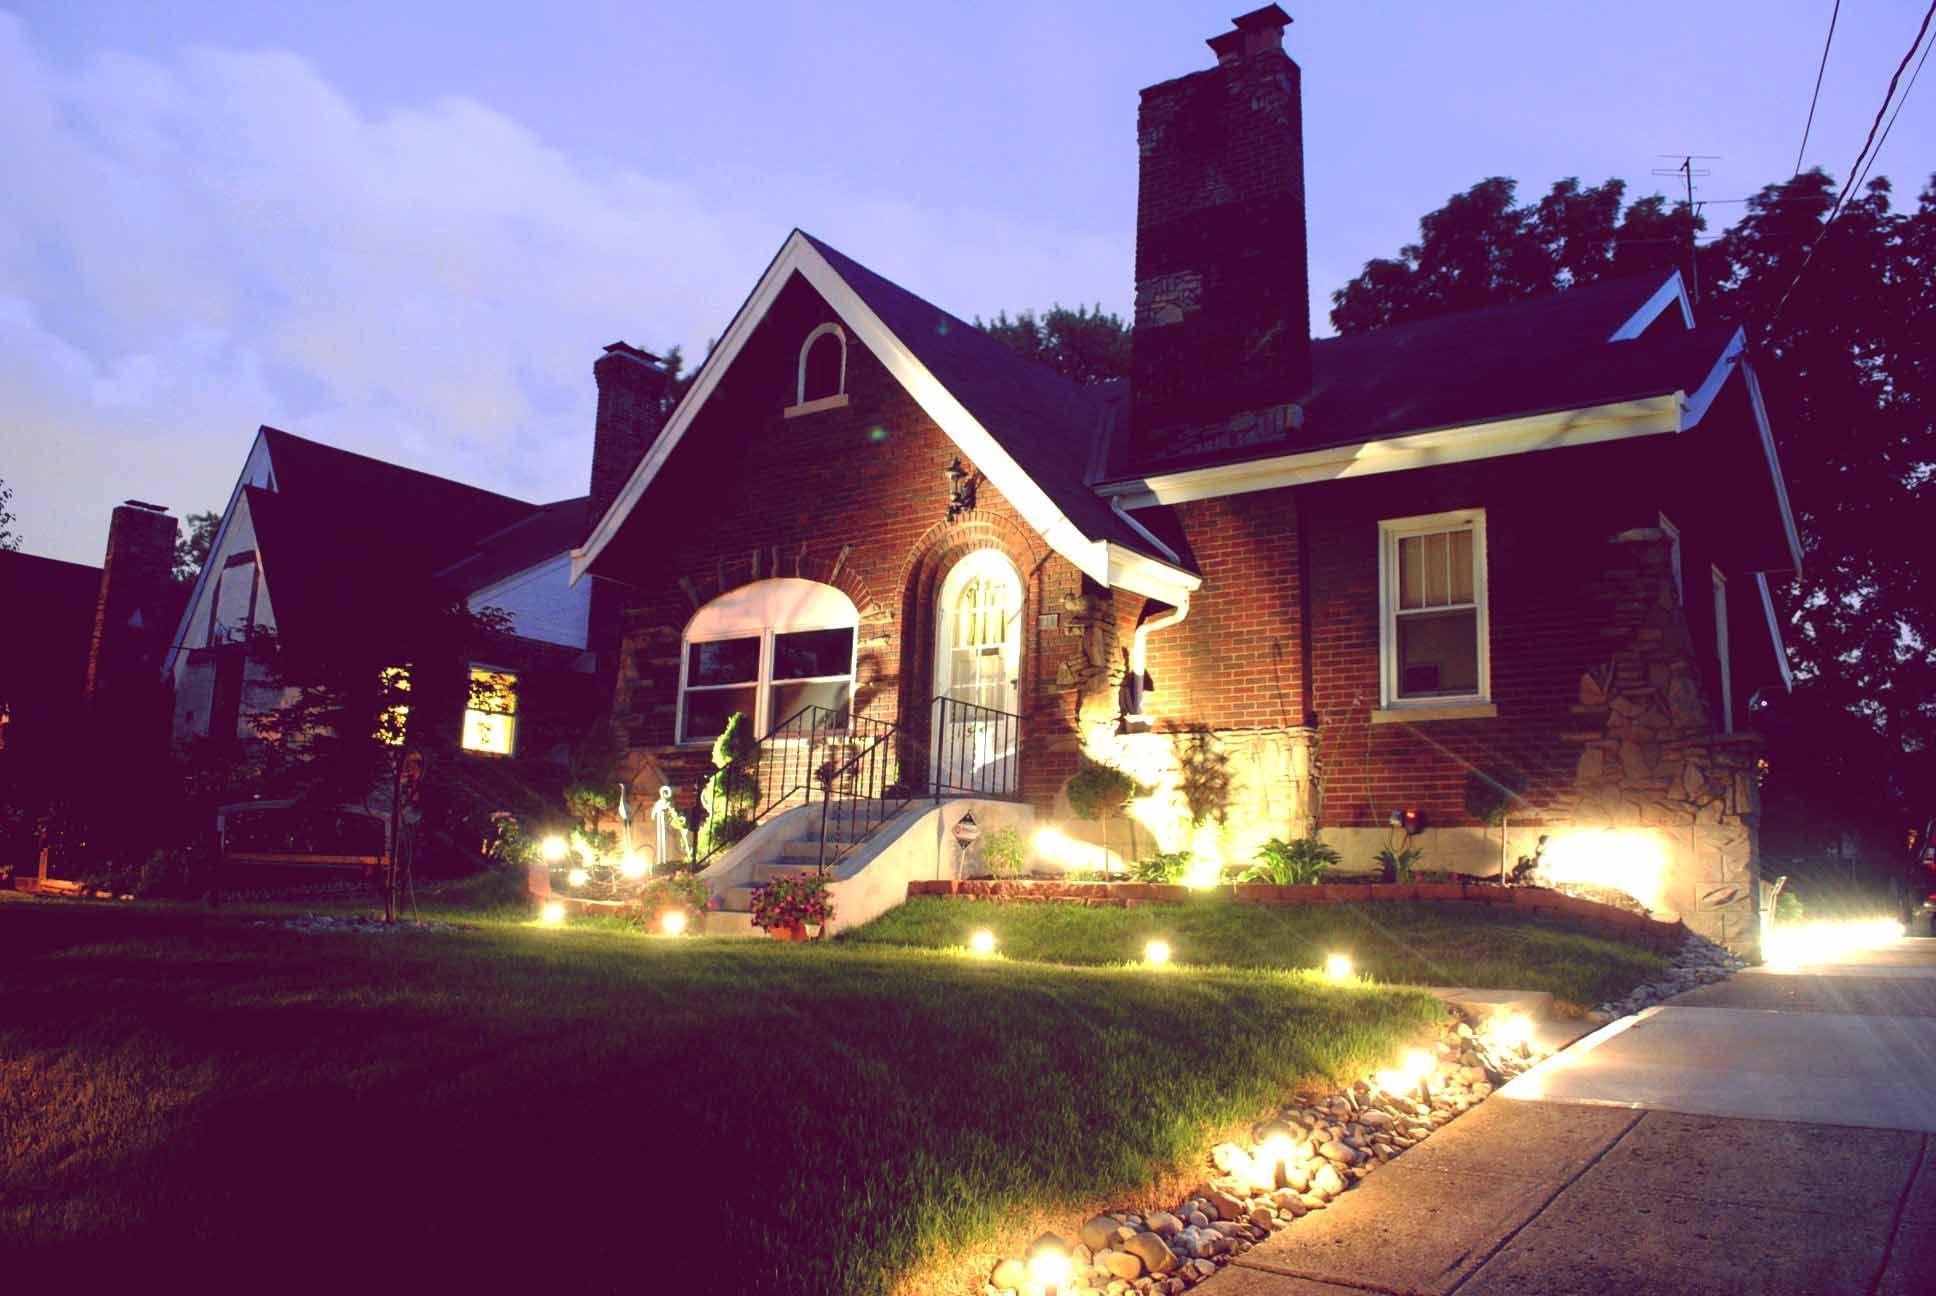 света в картинках для дома